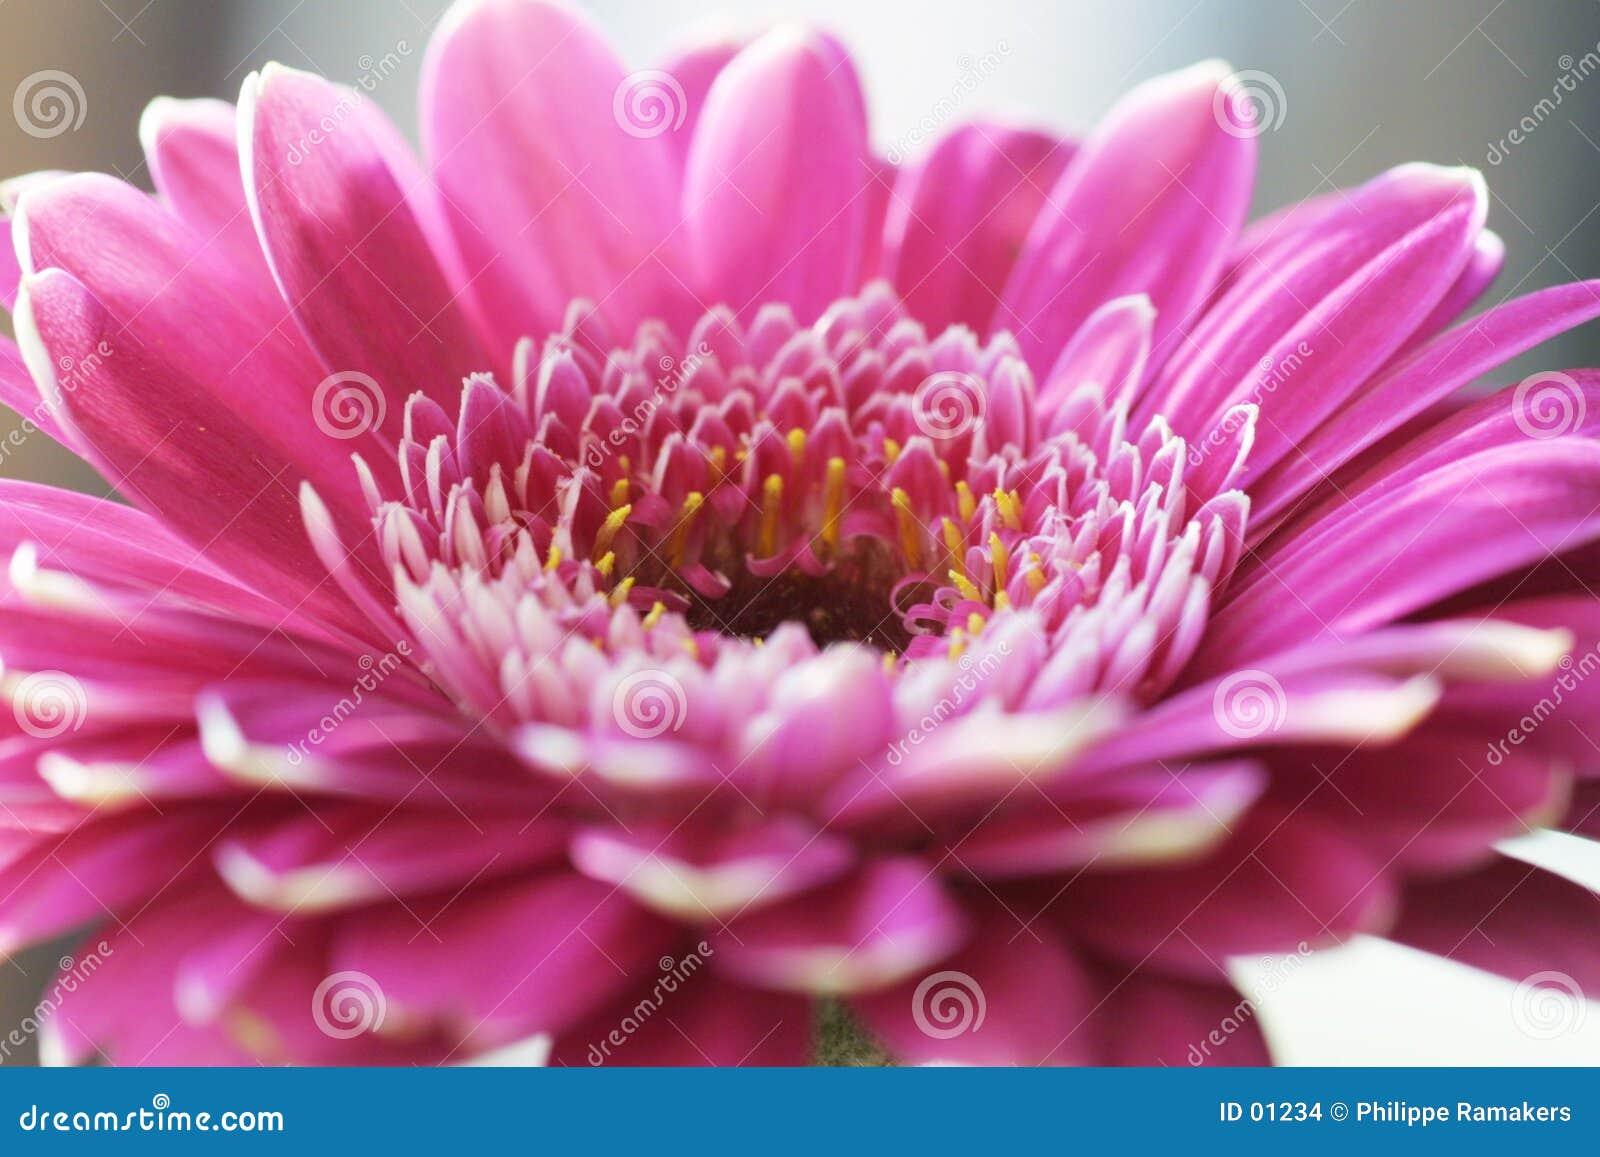 Flor del Gerbera